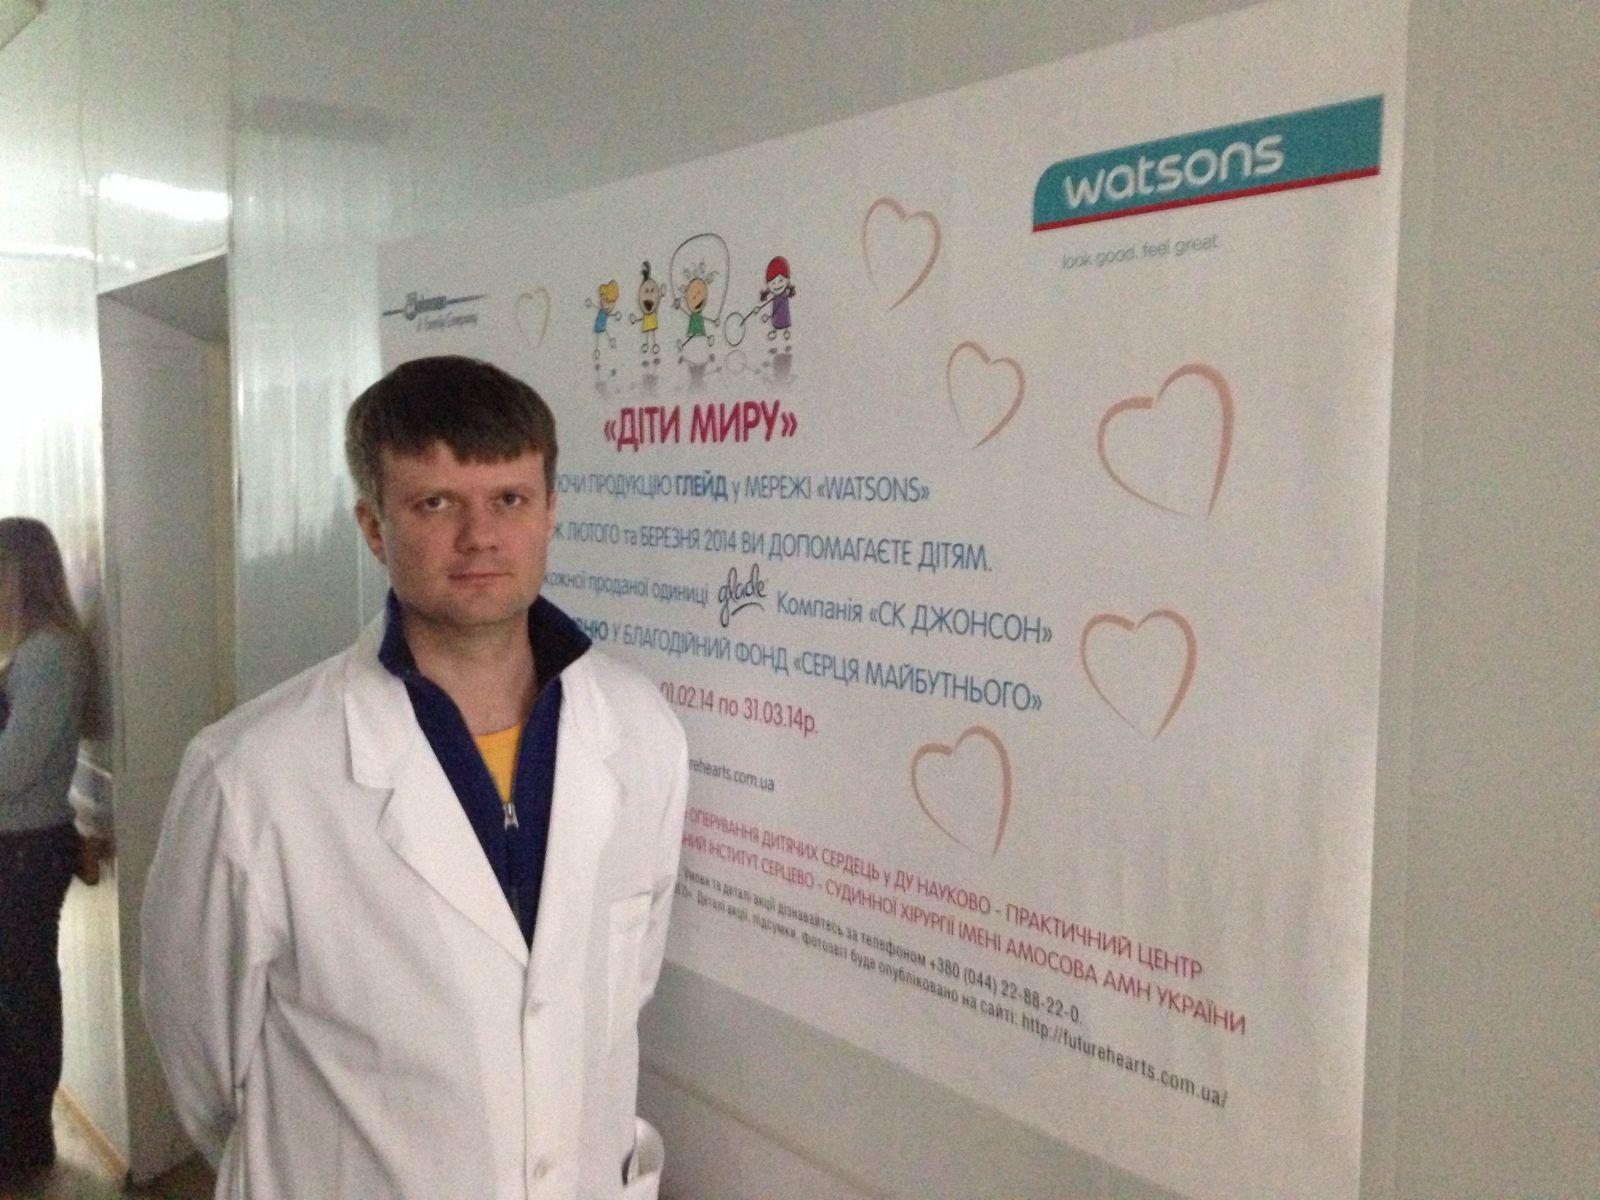 Проект Дети мира поможет лечению детей с пороком сердца